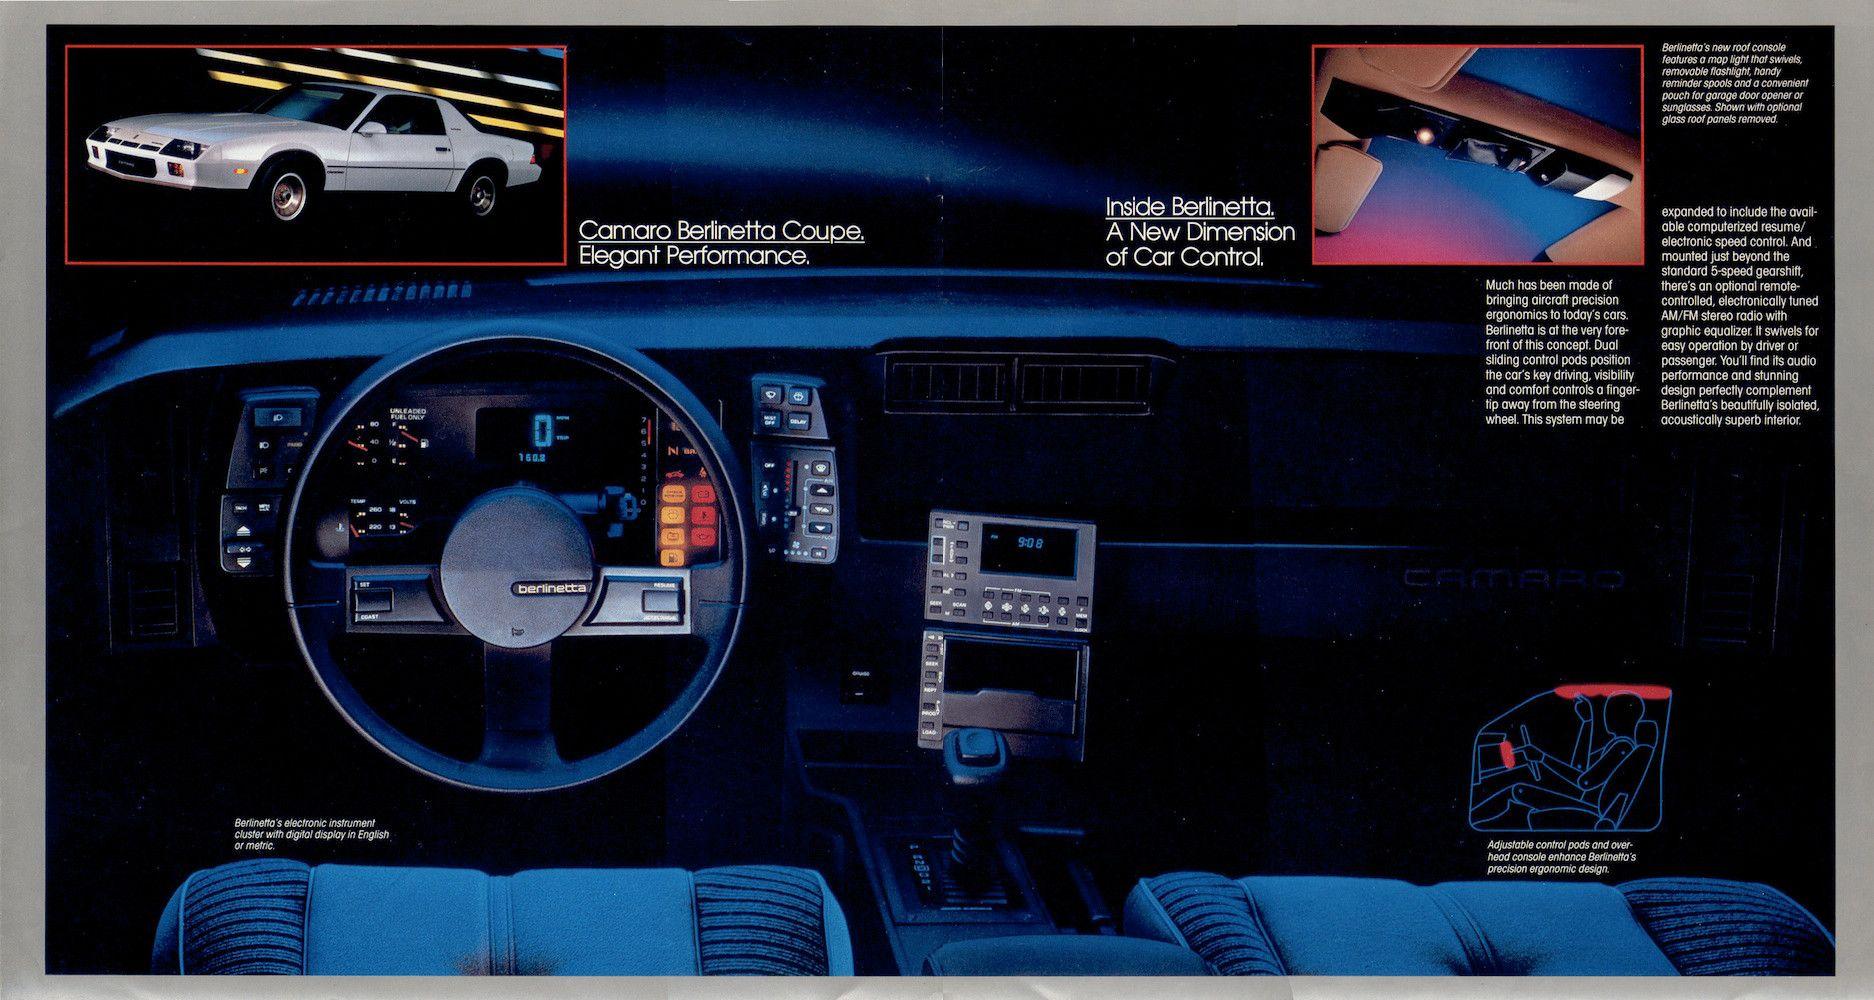 1984 1985 chevrolet camaro sales brochures chevrolet camaro chevrolet and brochures